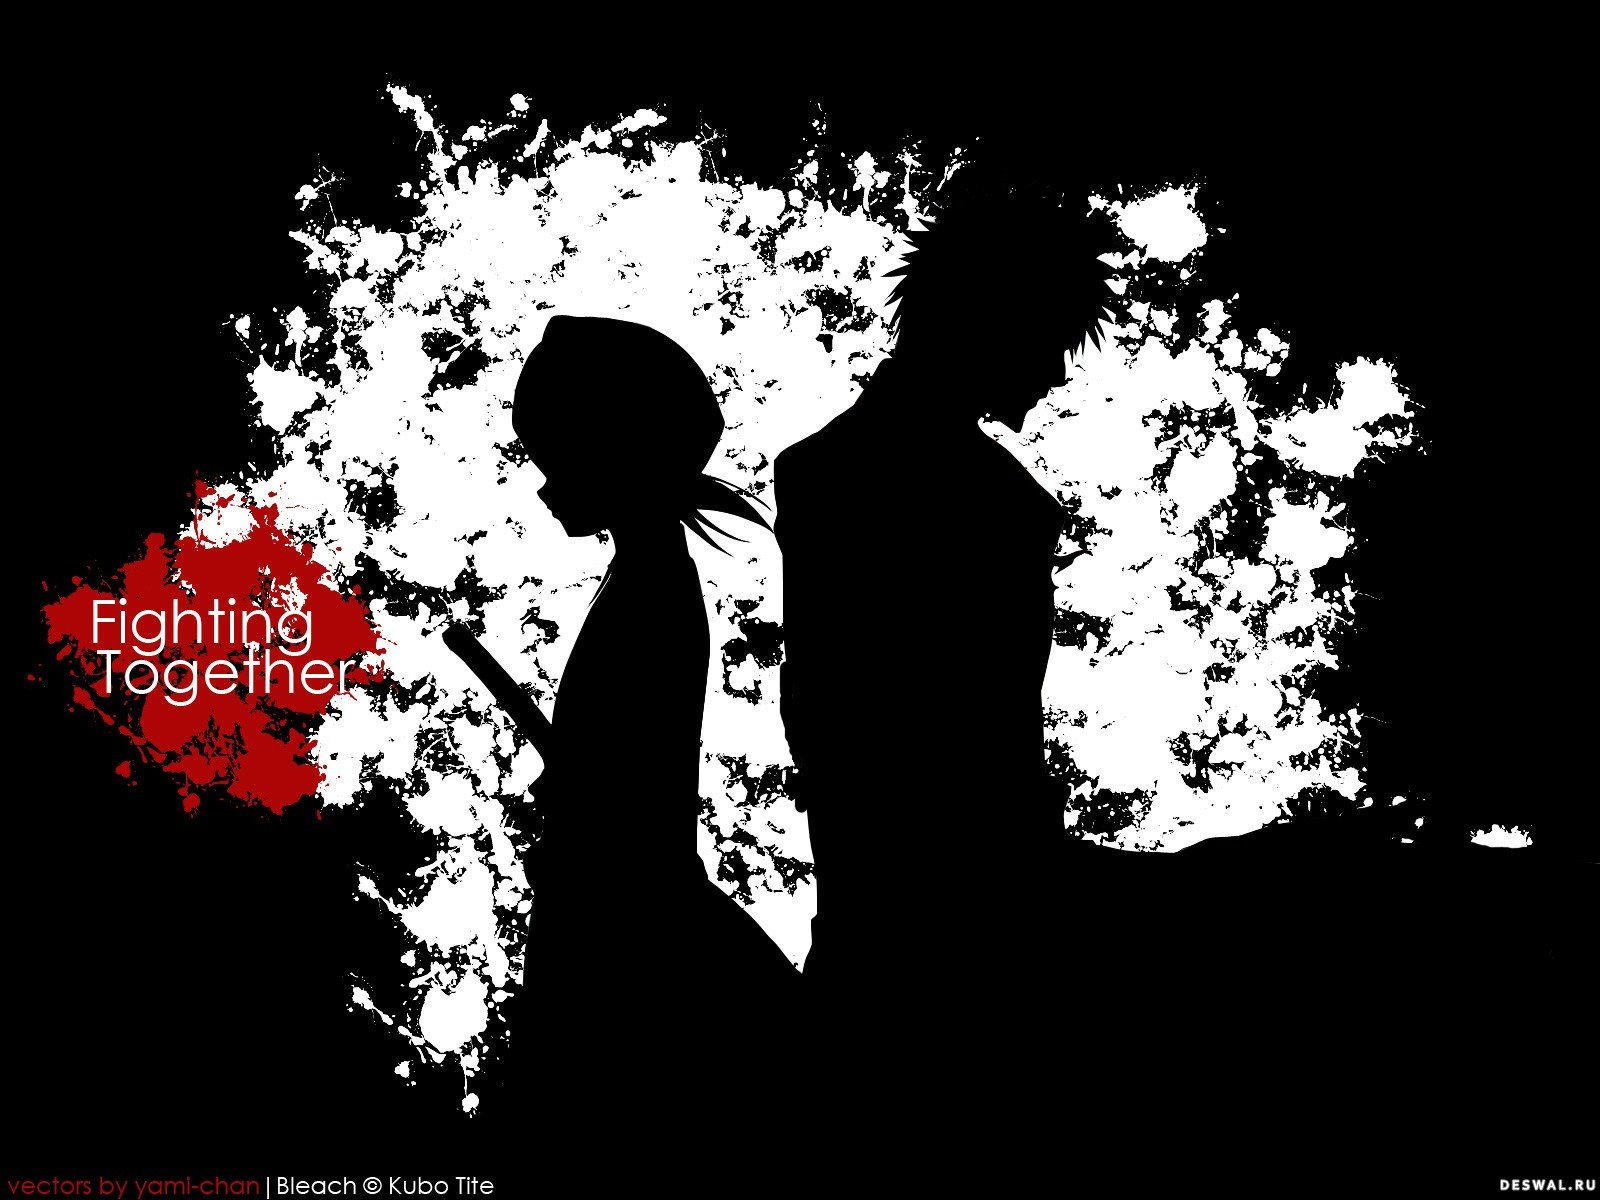 Фото 2.. Нажмите на картинку с аниме обоями, чтобы просмотреть ее в реальном размере